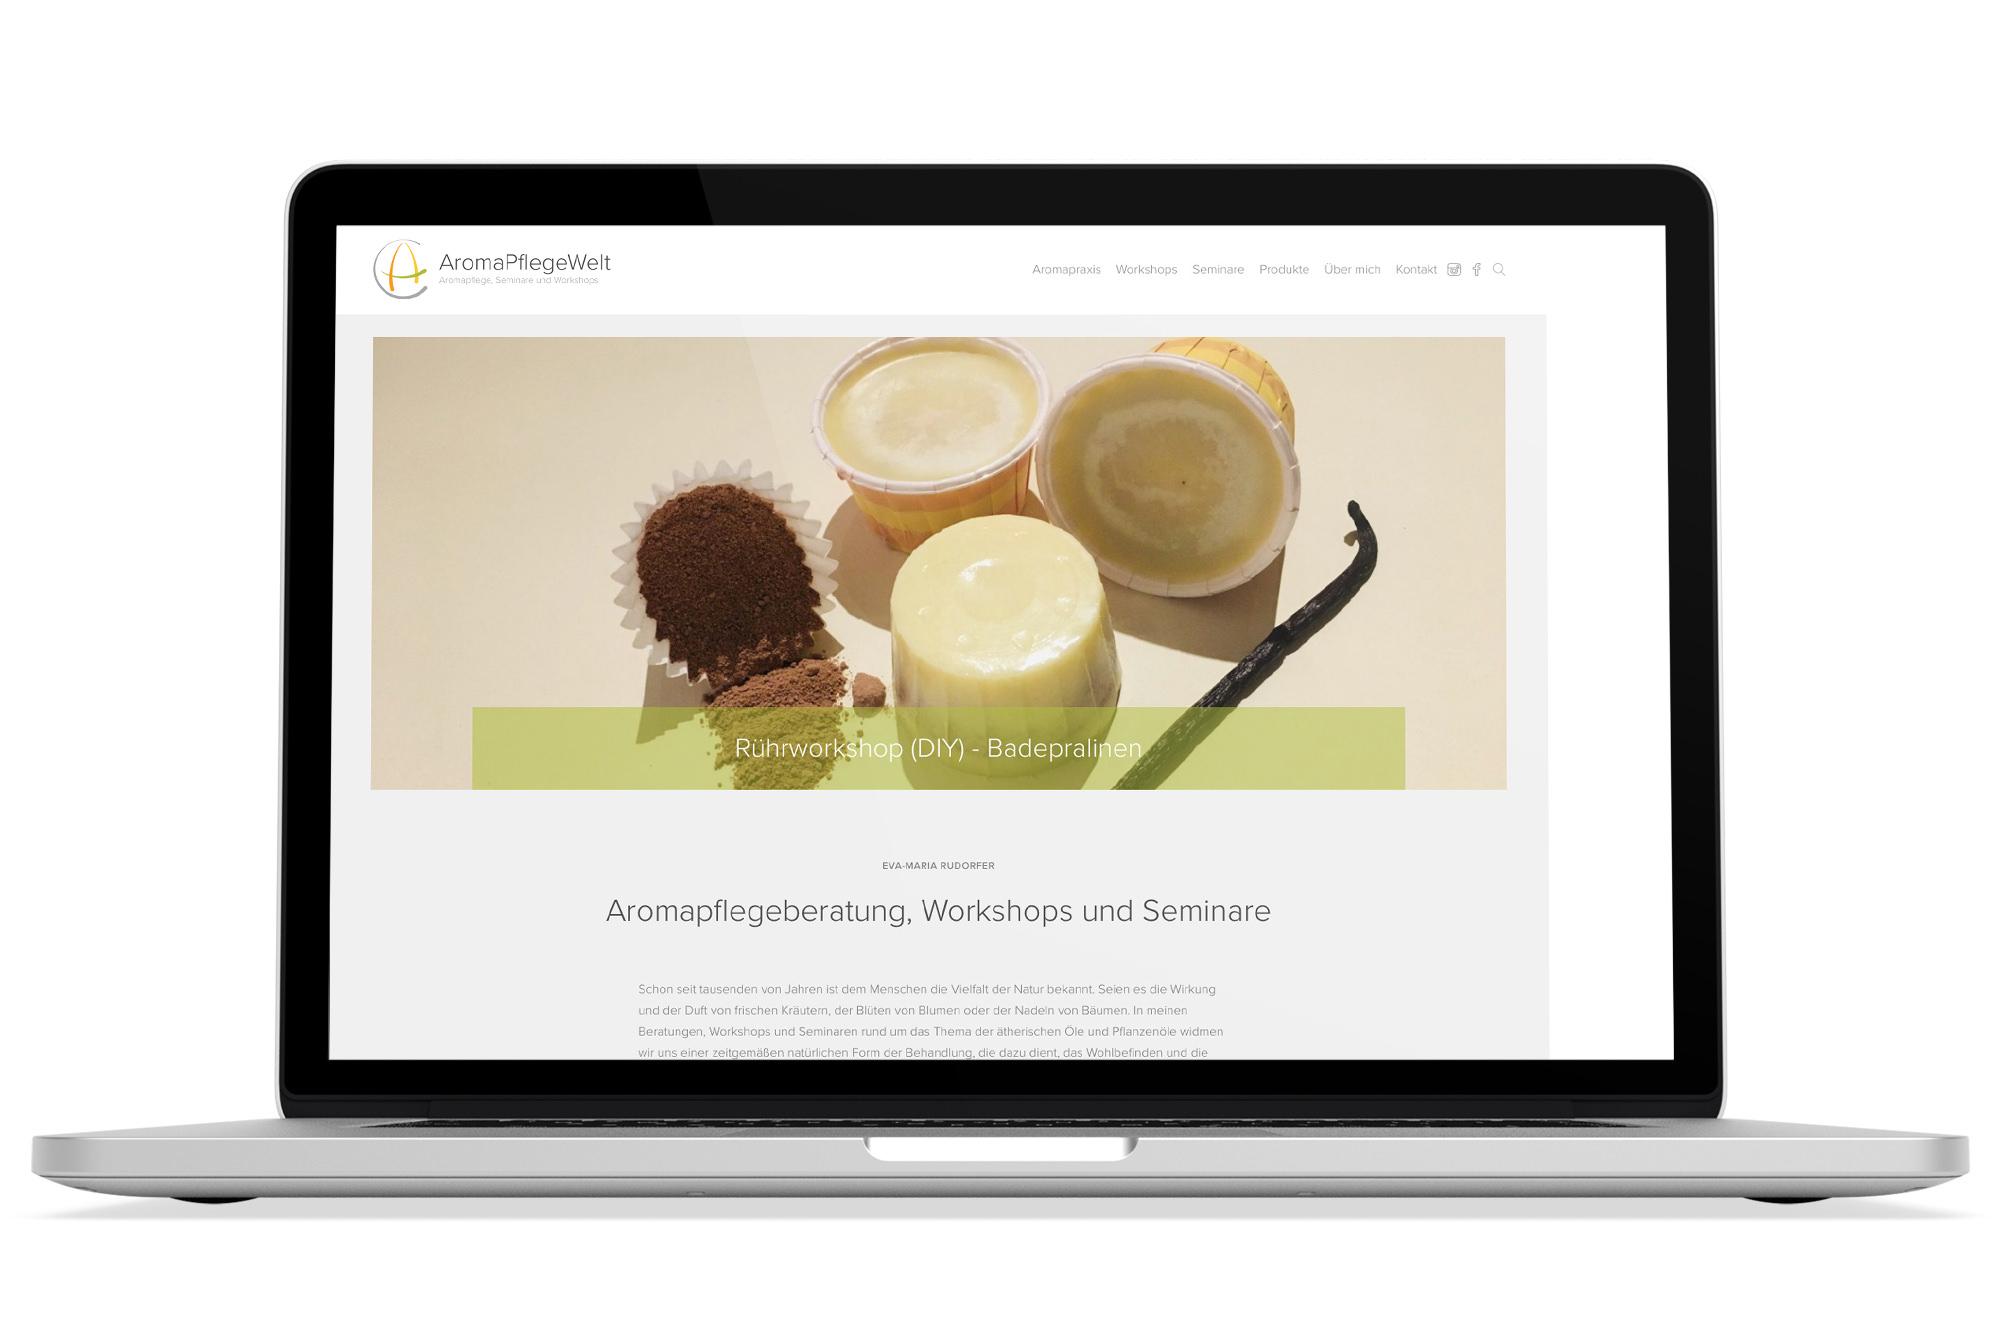 Webdesign Beispiel: Logodesign, Corporate Design, Webdesign für Gesundheit & Pflege